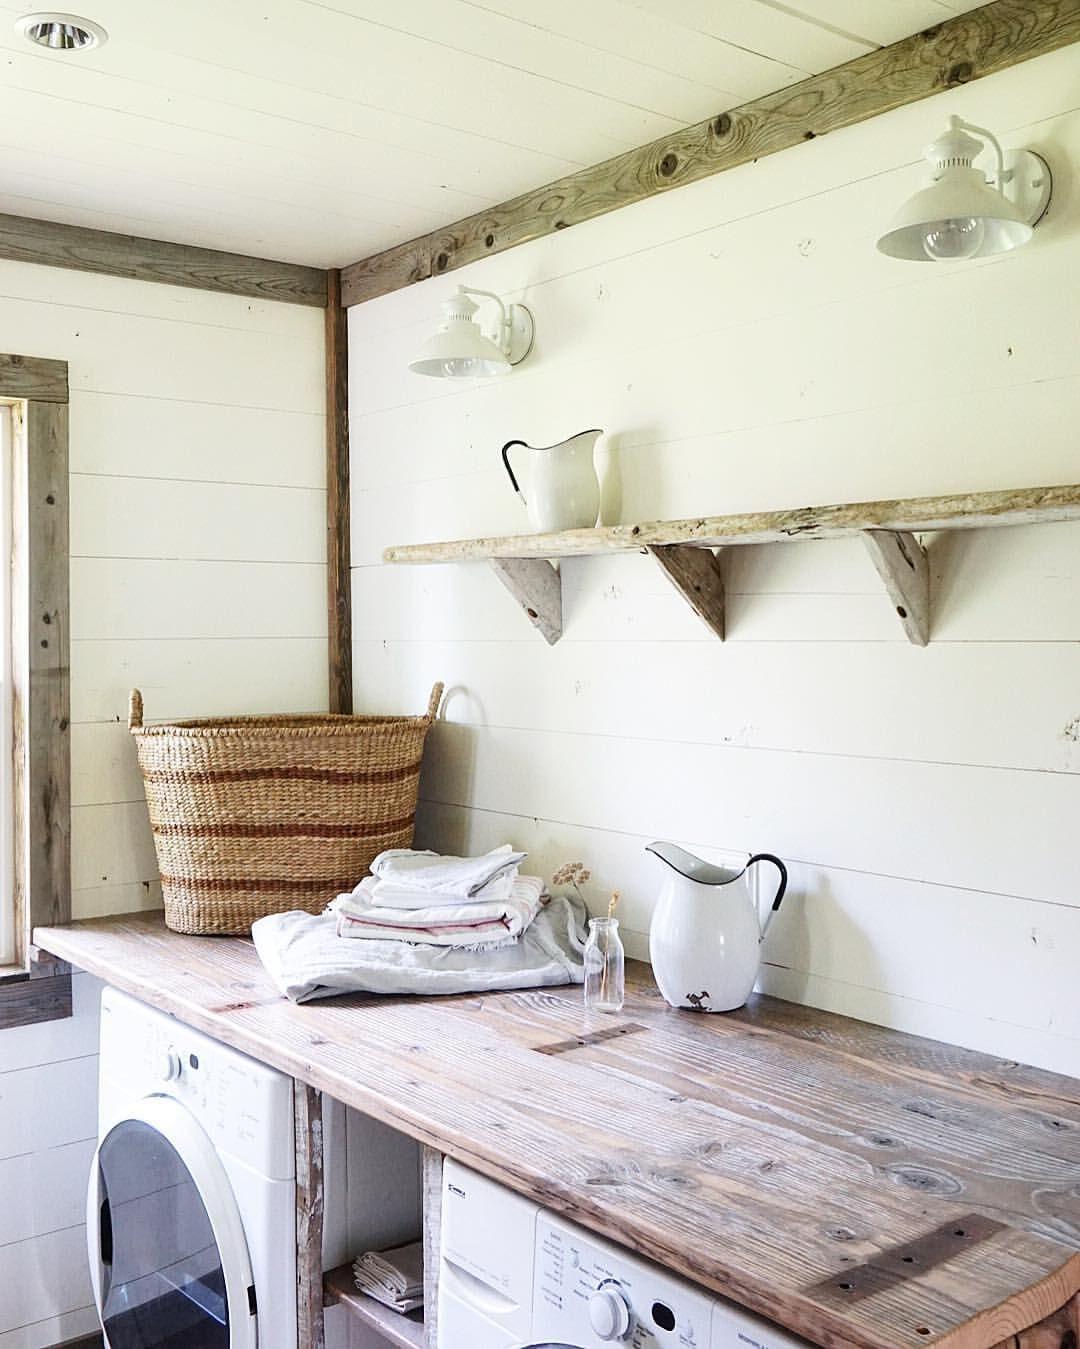 264 likes 13 comments felesha mcafee crane mountain cottage on